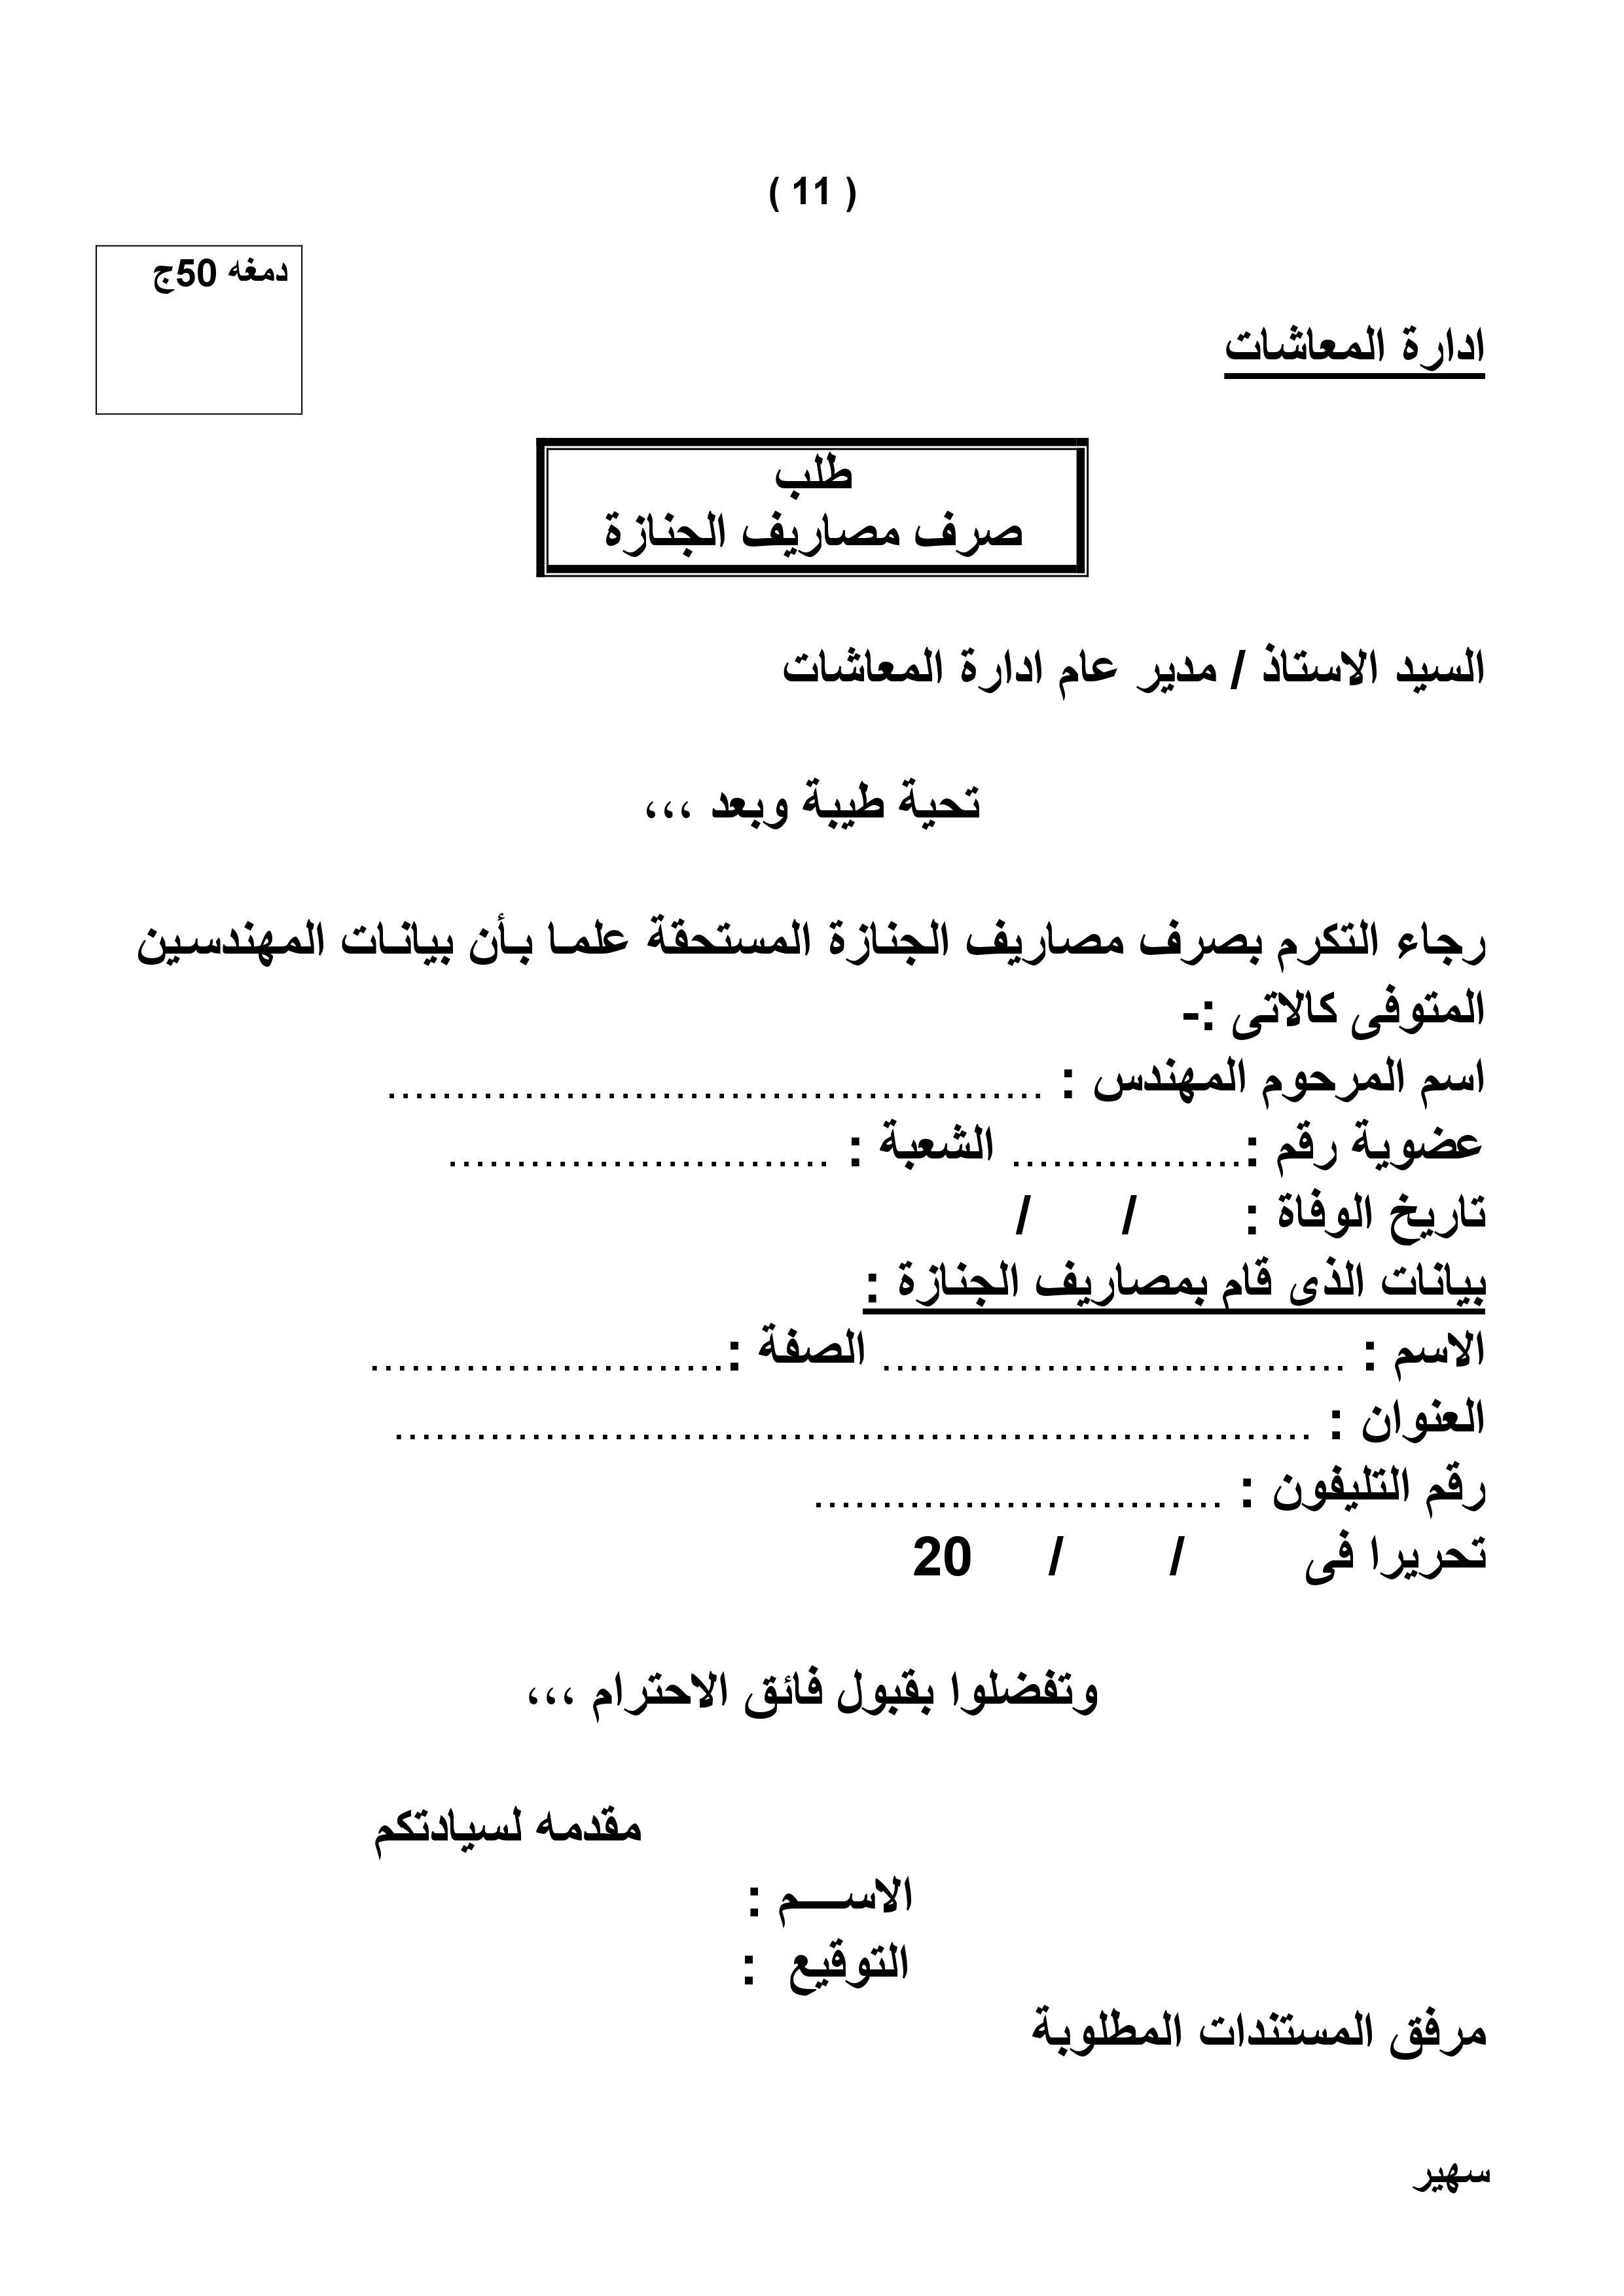 استمارة اشتراك في نادي كتاب الطفل